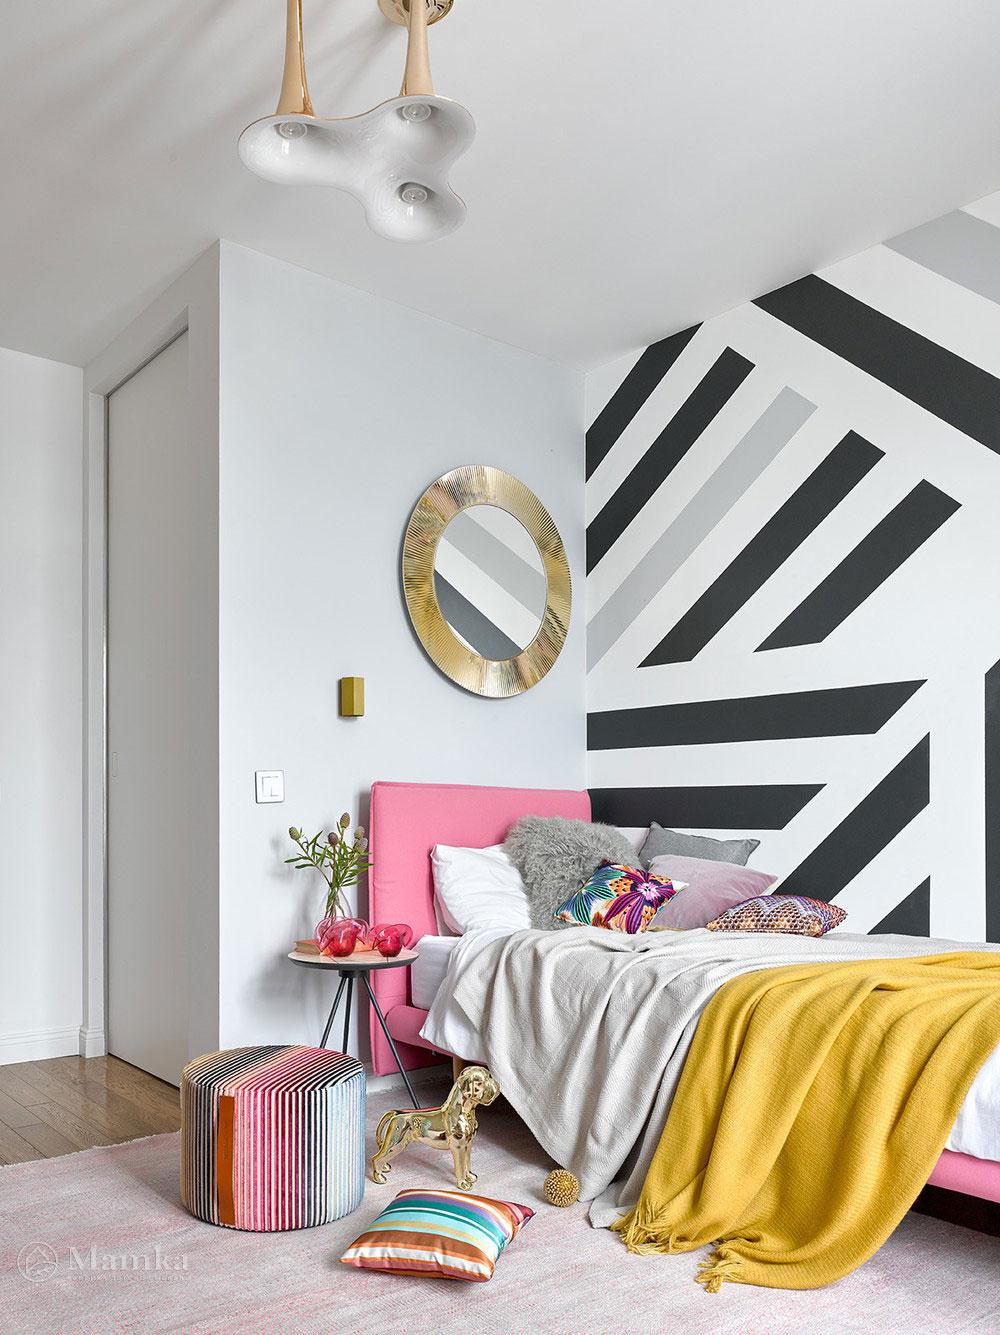 Идеи детской комнаты для девочки в современном стиле фото 4